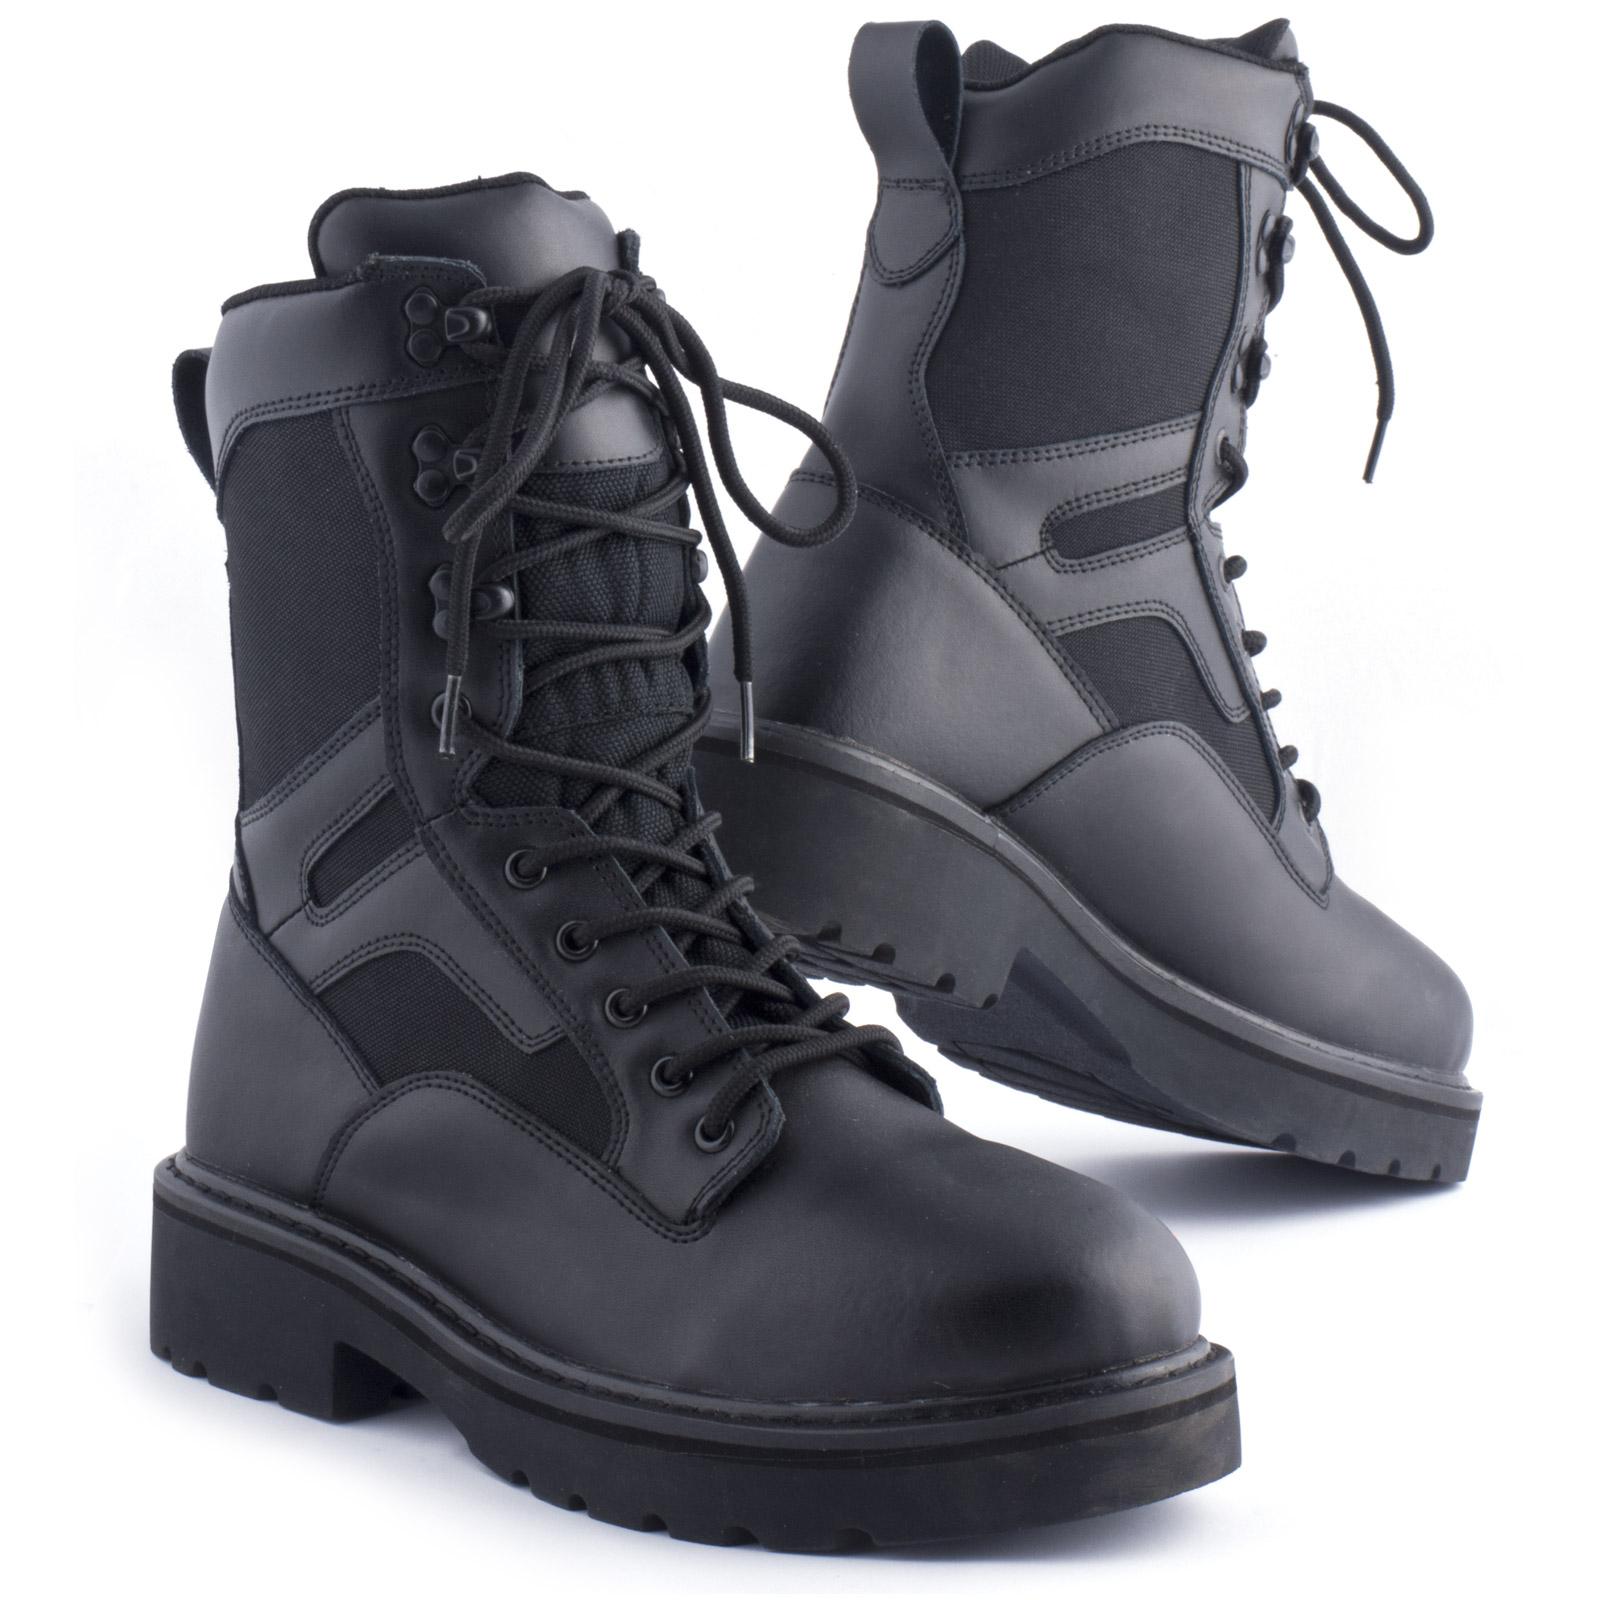 Tuzo Mercenary Custom Motorcycle Boots